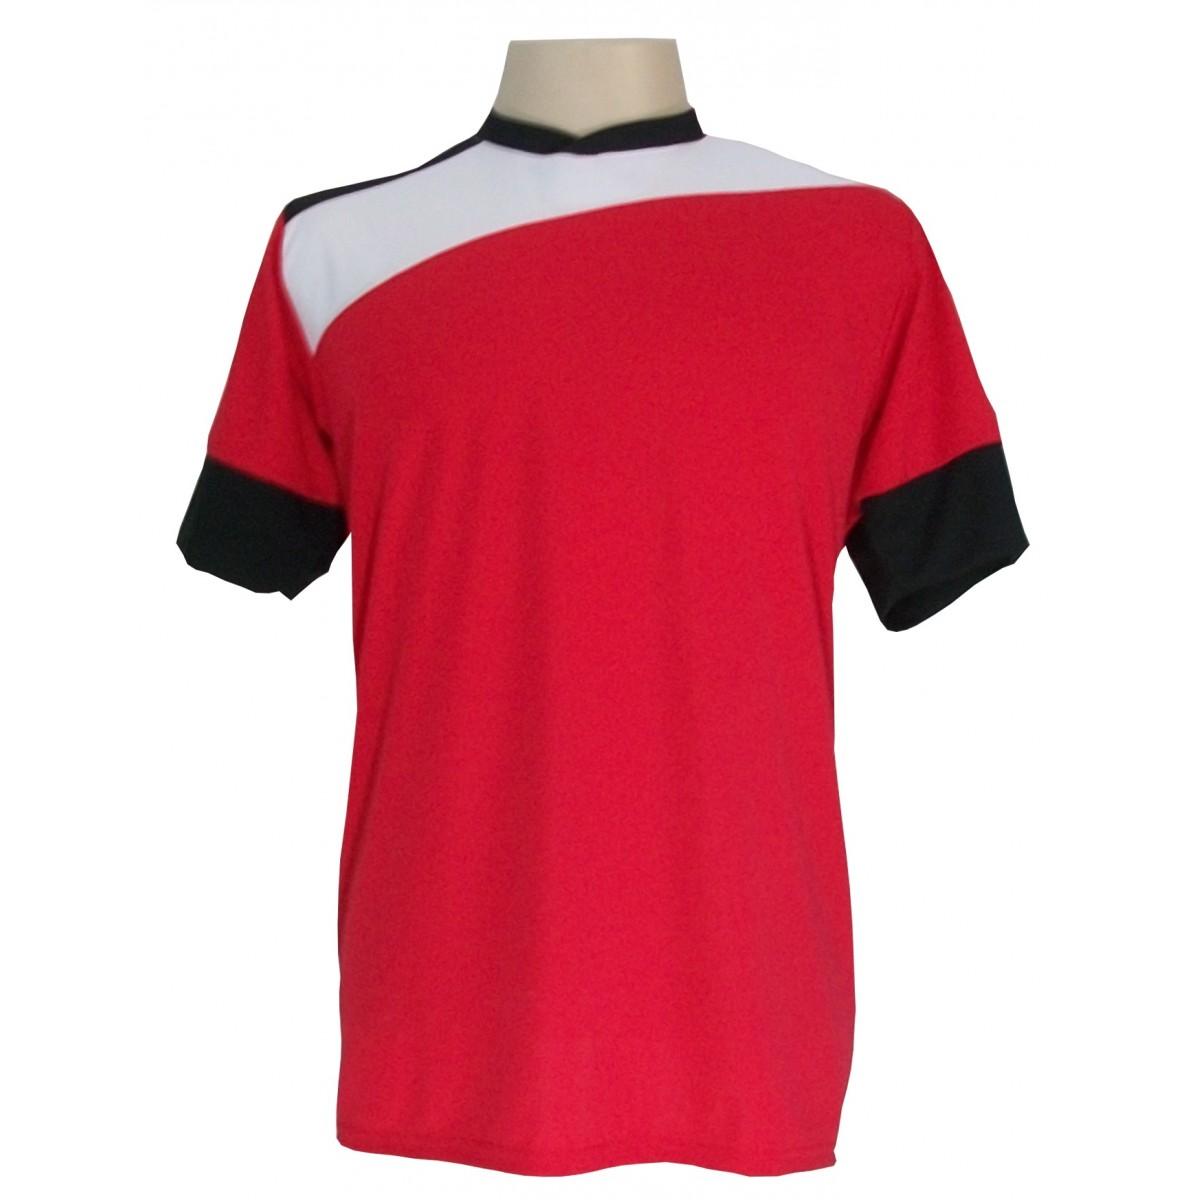 Uniforme Esportivo com 14 camisas modelo Sporting Vermelho/Branco/Preto + 14 calções modelo Madrid Preto + Brindes